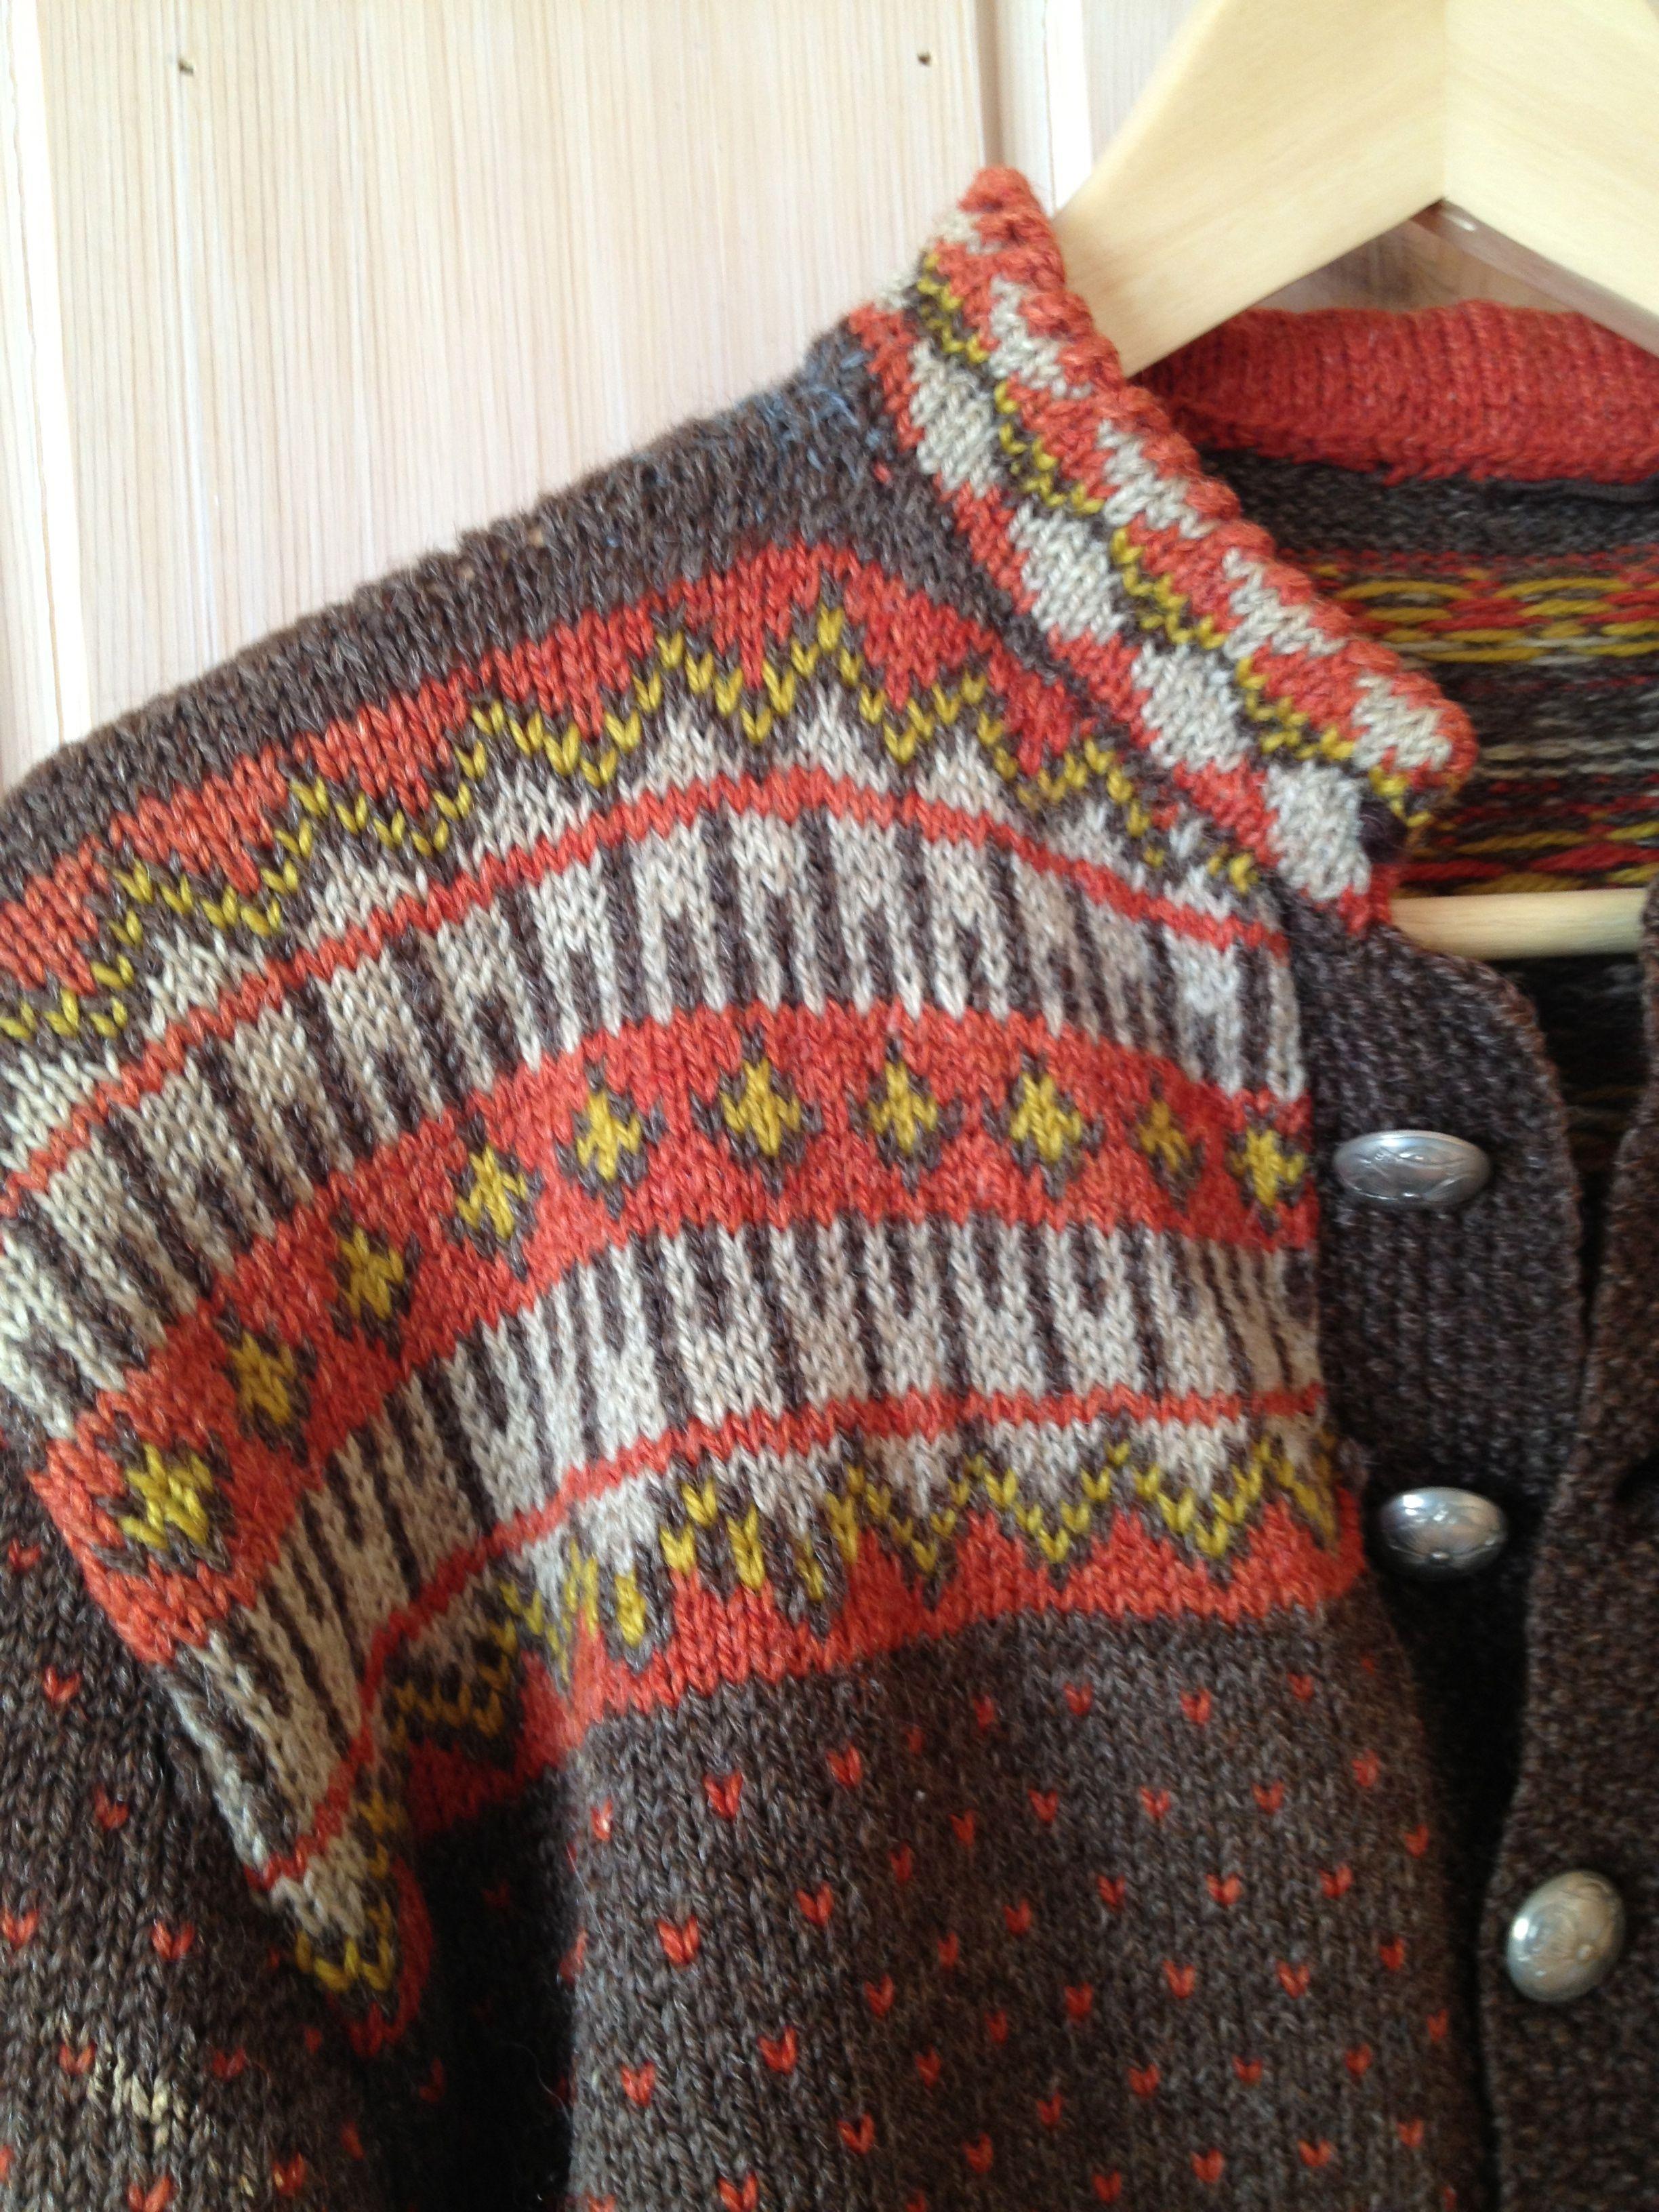 Ein Gamal Skatt Colorwork Knitting Norwegian Knitting Stranded Knitting Patterns